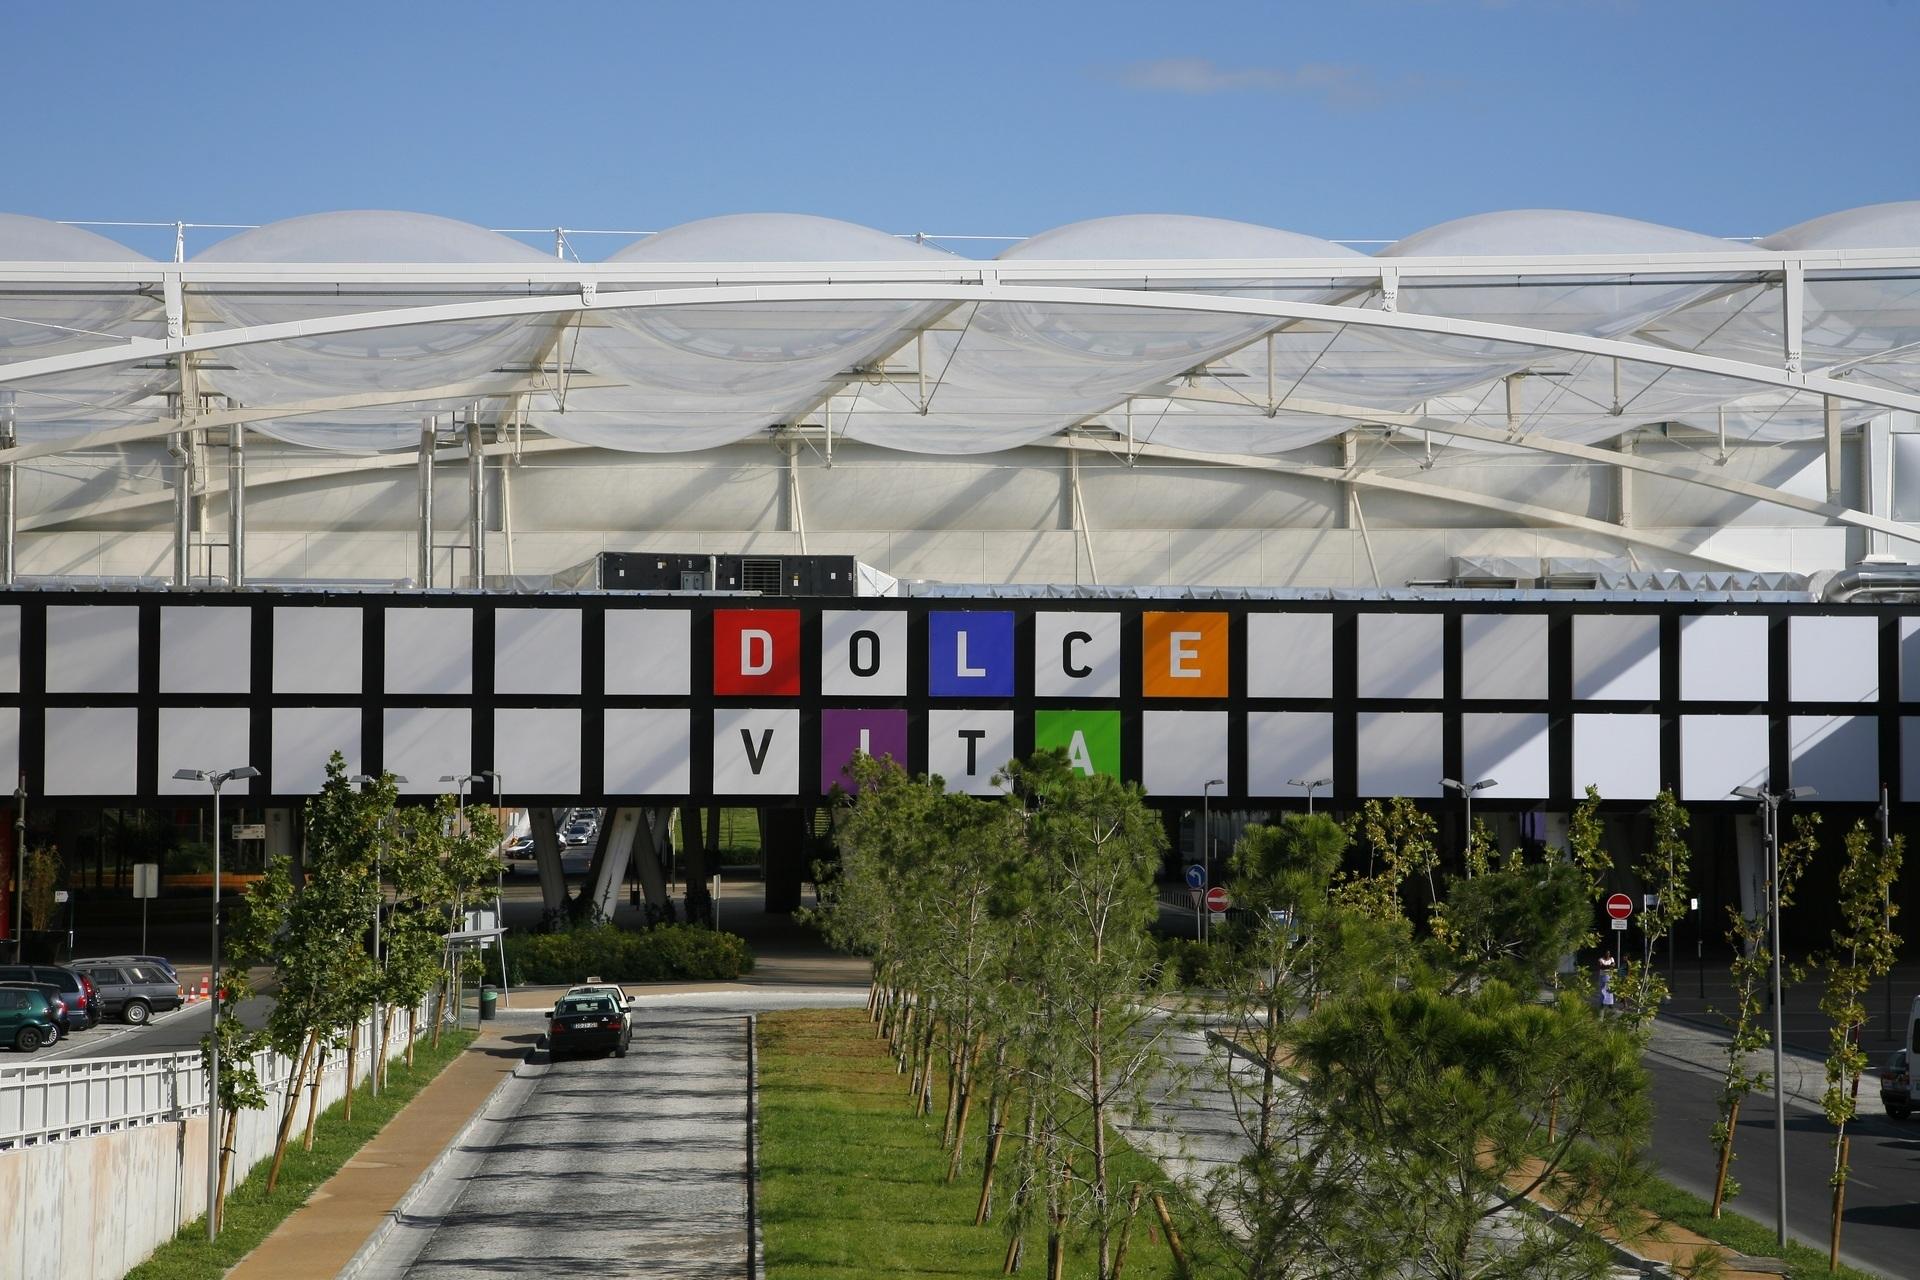 Dolce Vita Tejo é o maior centro comercial de Portugal / Pragma